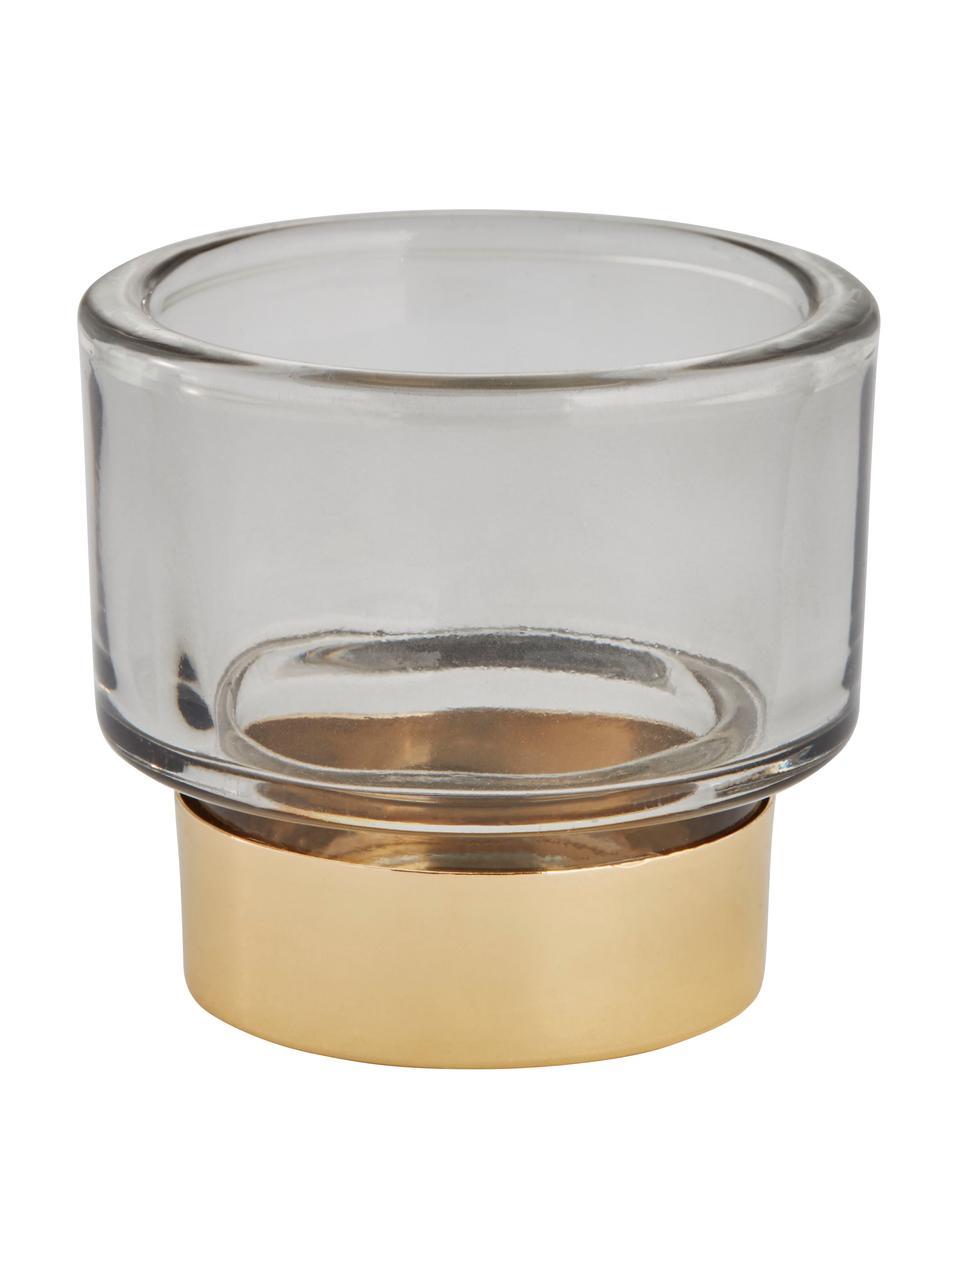 Bougeoir en verre fait main Miy, Gris, transparent, couleur dorée